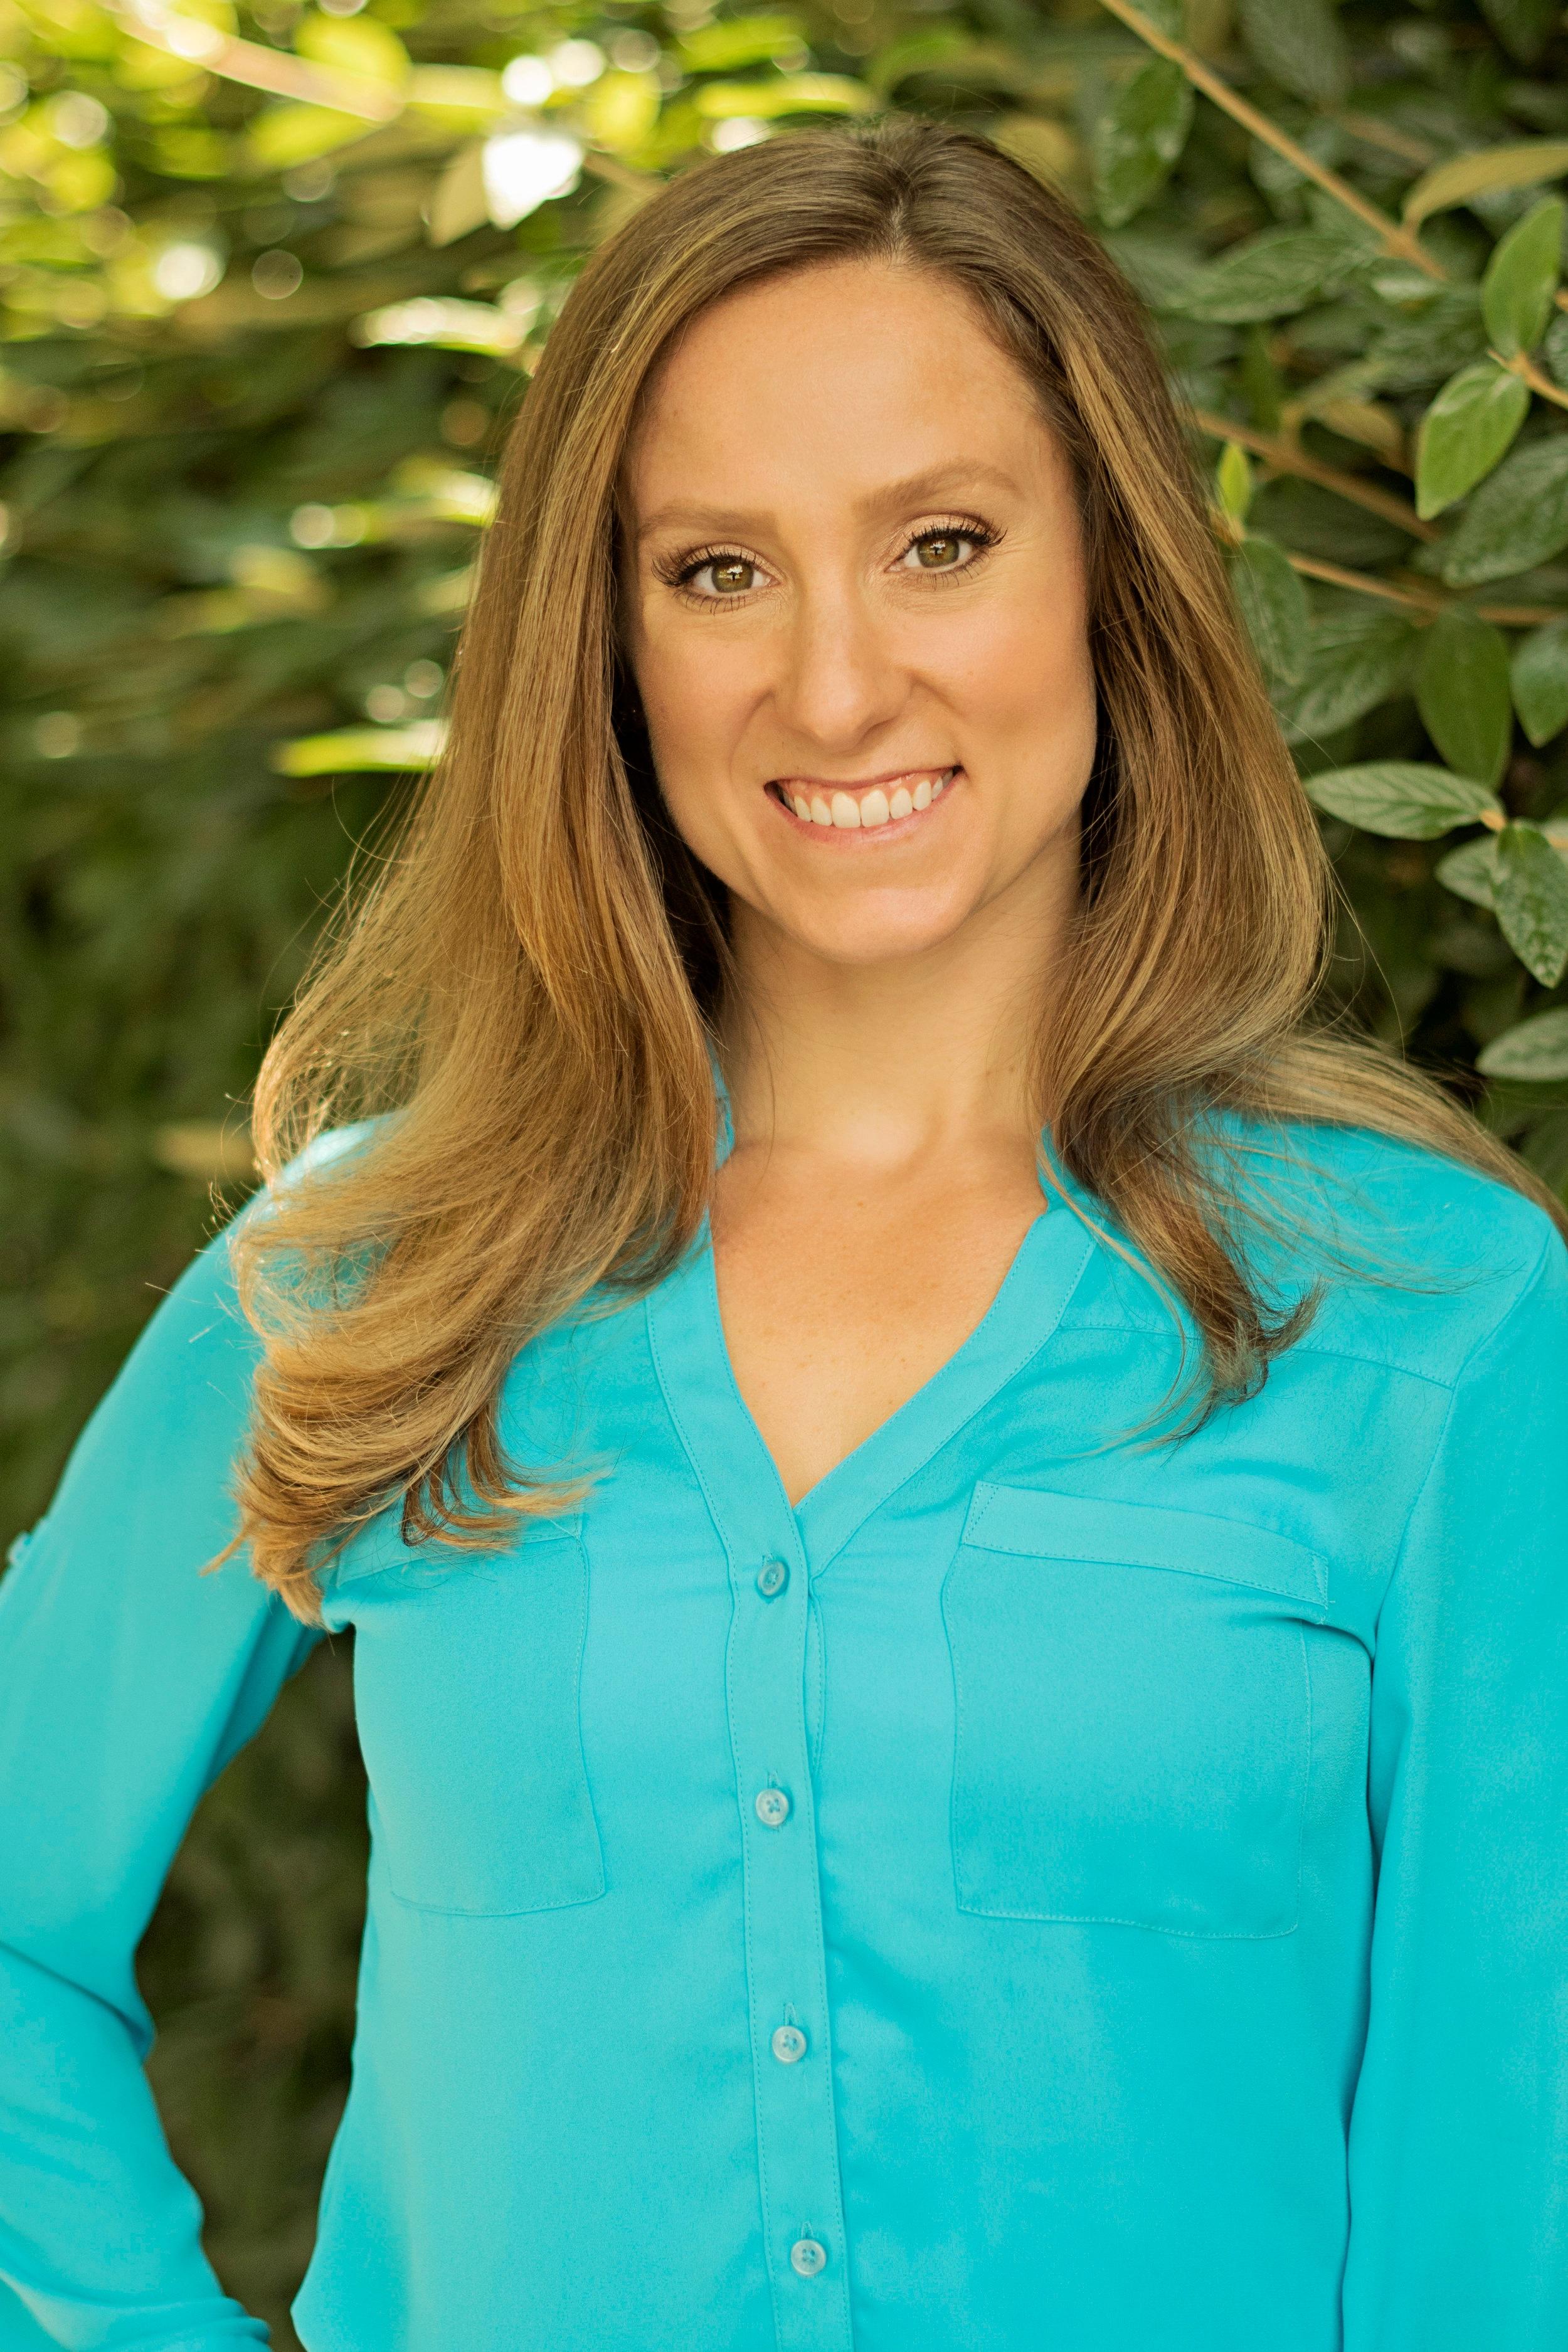 Dr. Megan Cannon - Sport PsychologistCurrent City: Allentown, PA